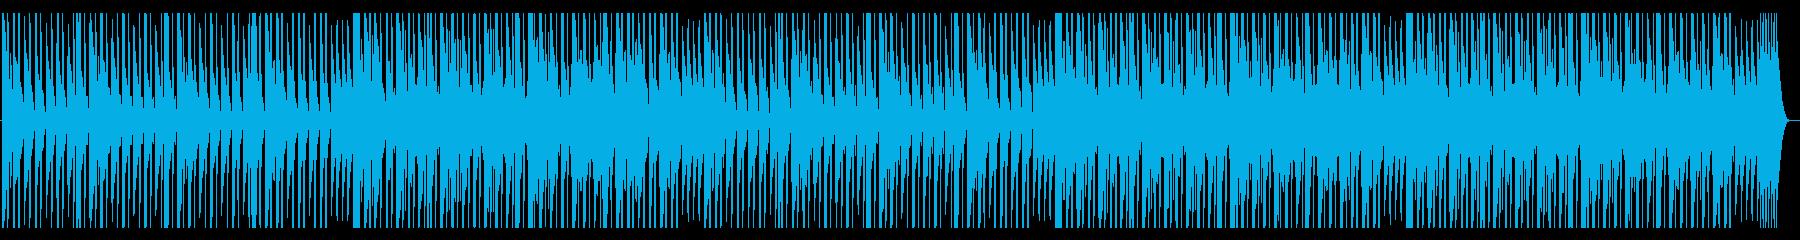 大人しくシンプルなテクノの再生済みの波形